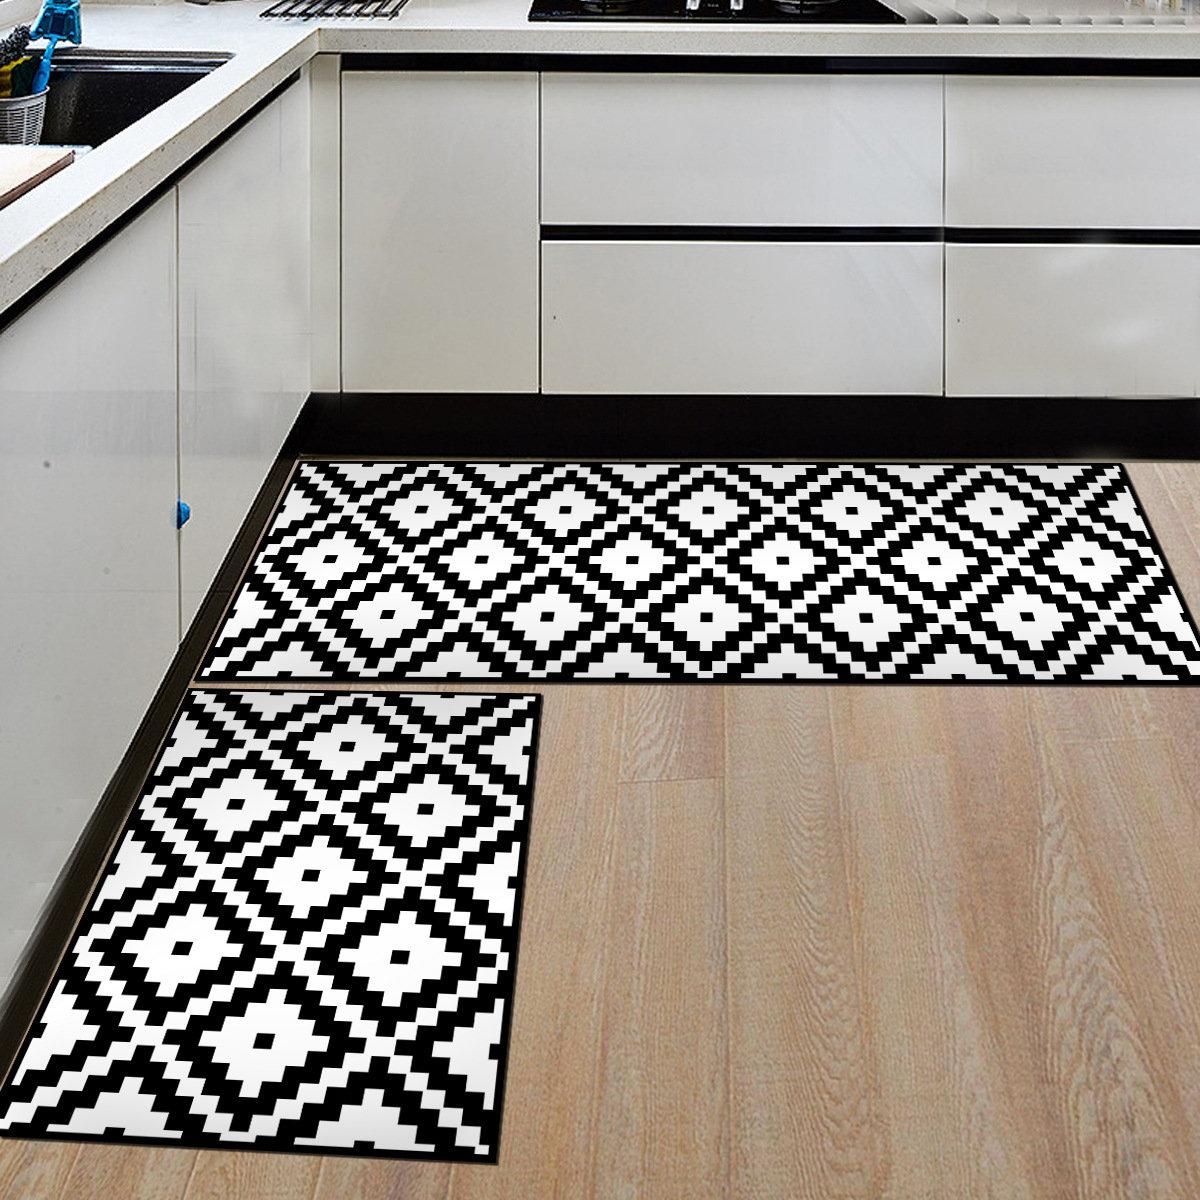 Full Size of Teppich Küche Pflegeleicht Waschbarer Teppich Küche Teppich Küche Material Teppich Küche Schwarz Weiß Küche Teppich Küche